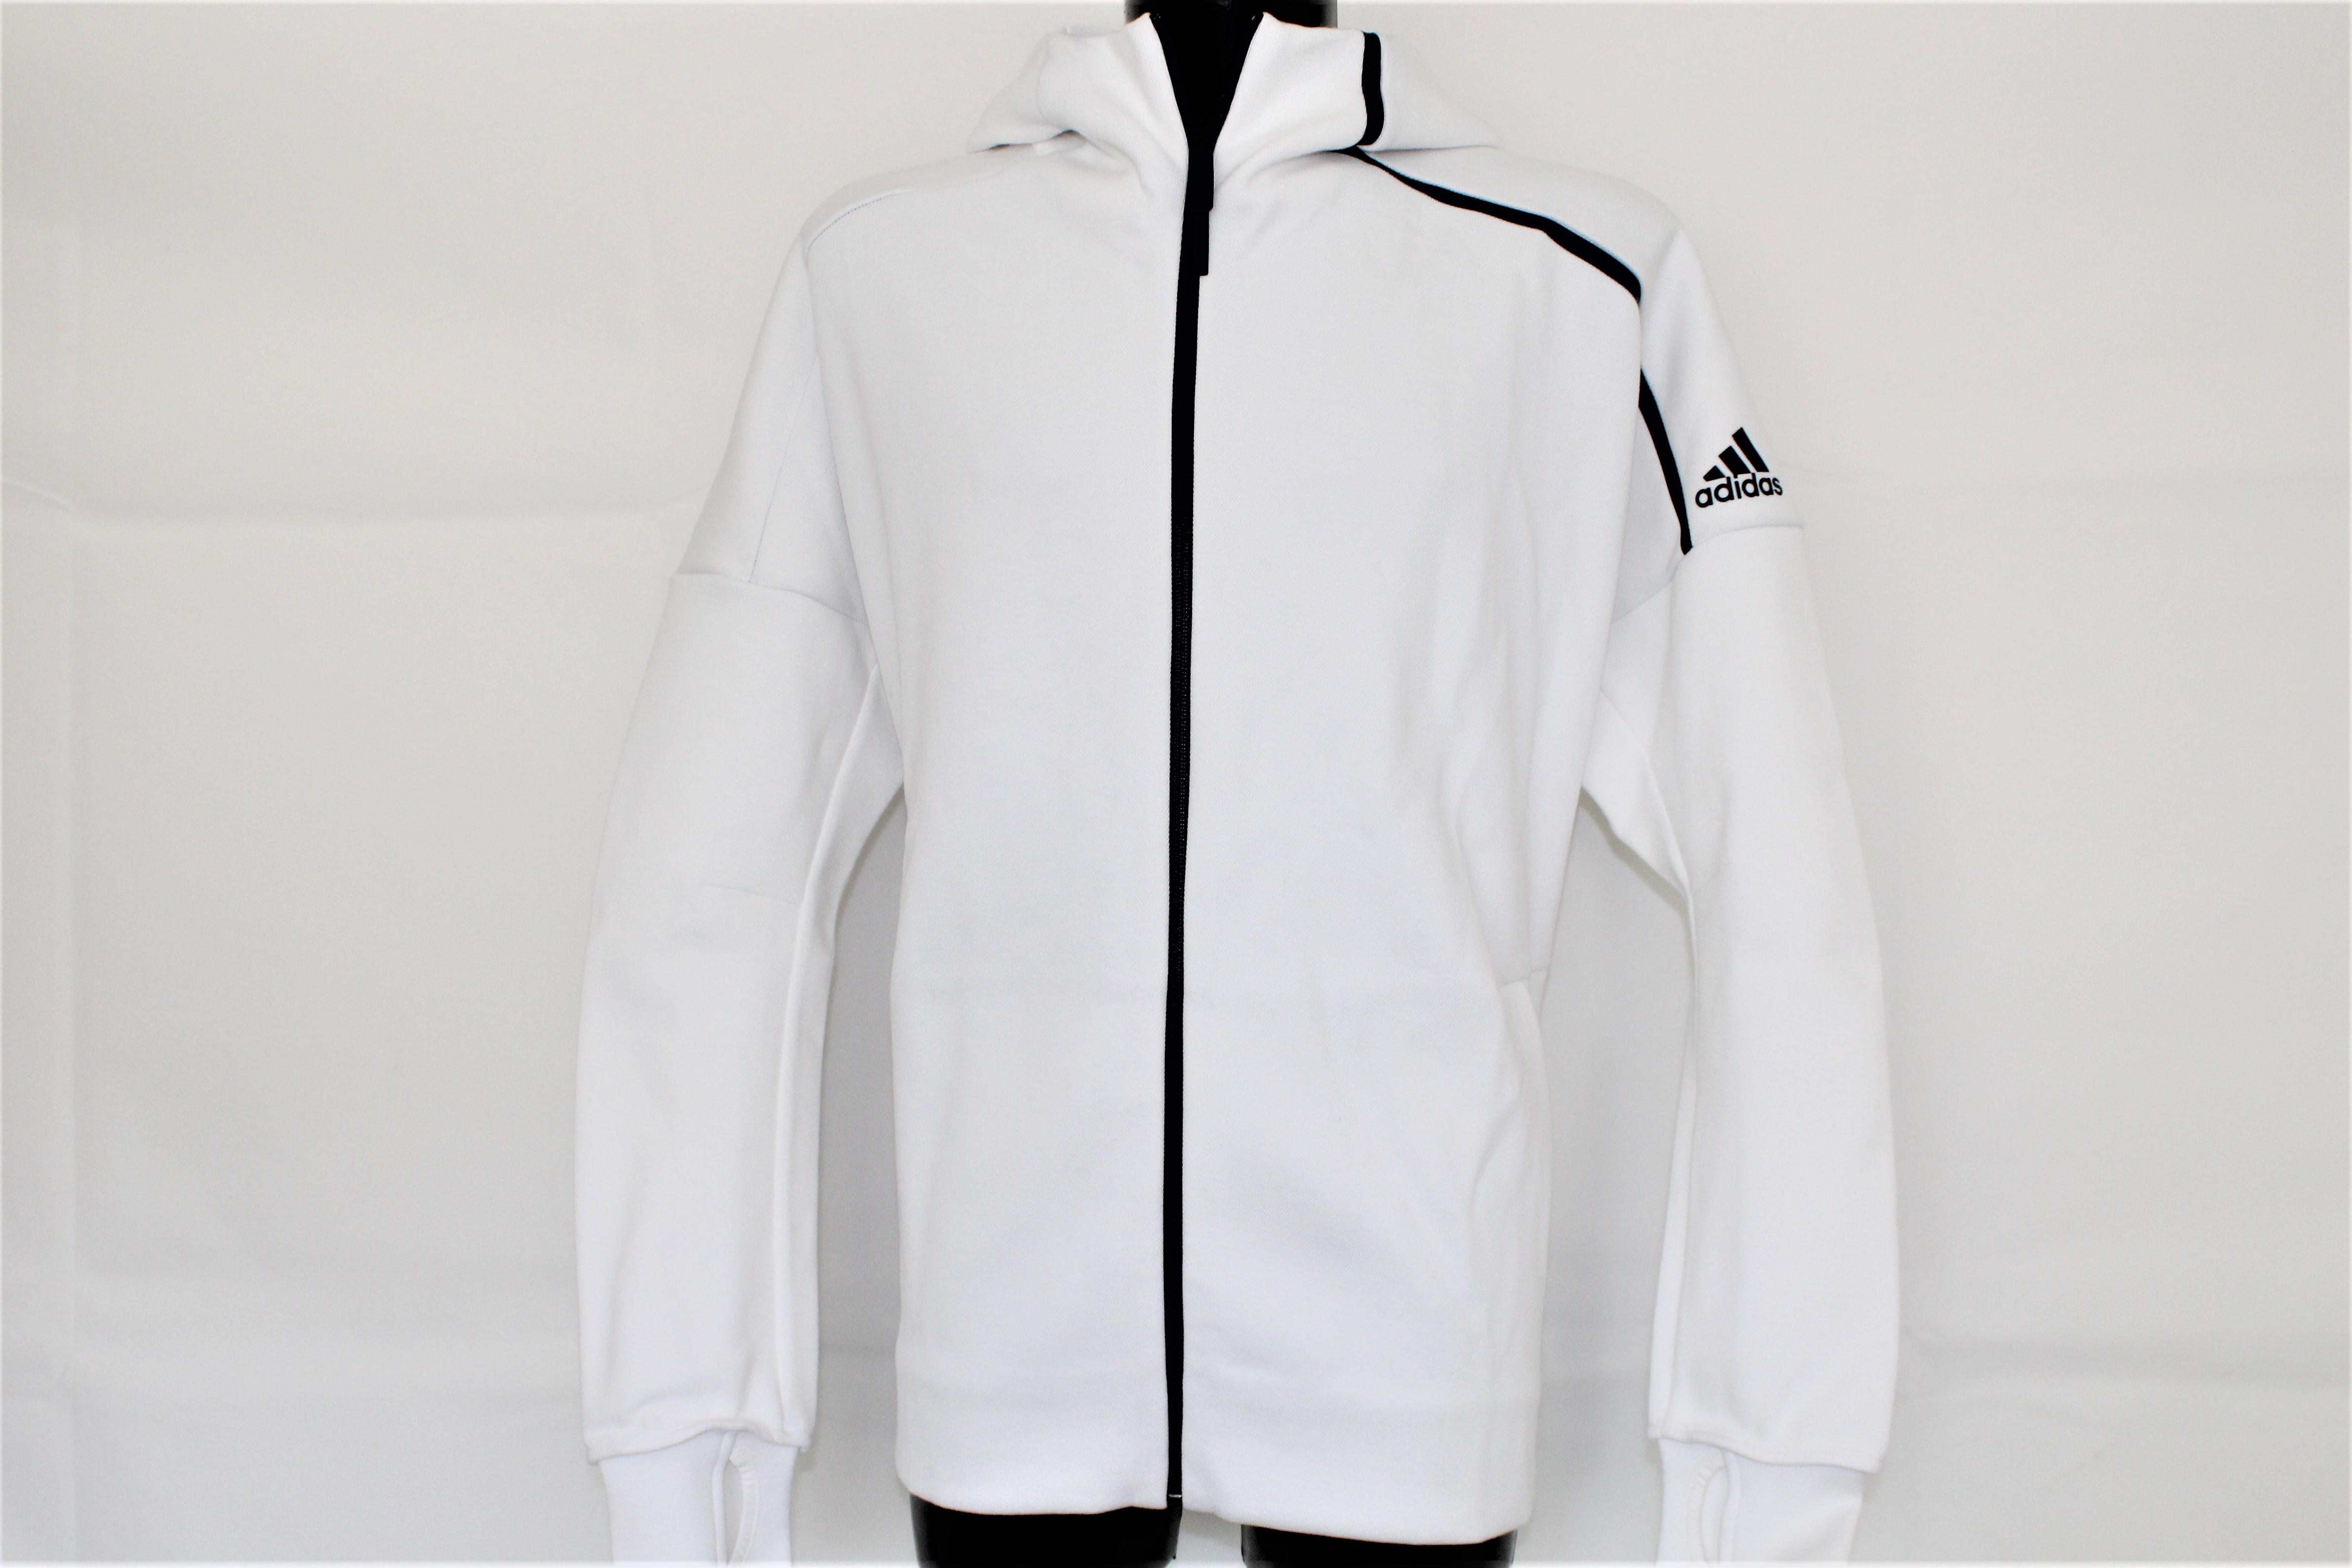 eHoody Herren Weiss Zip Z Navy Adidas Jacke n 354jqcRLA